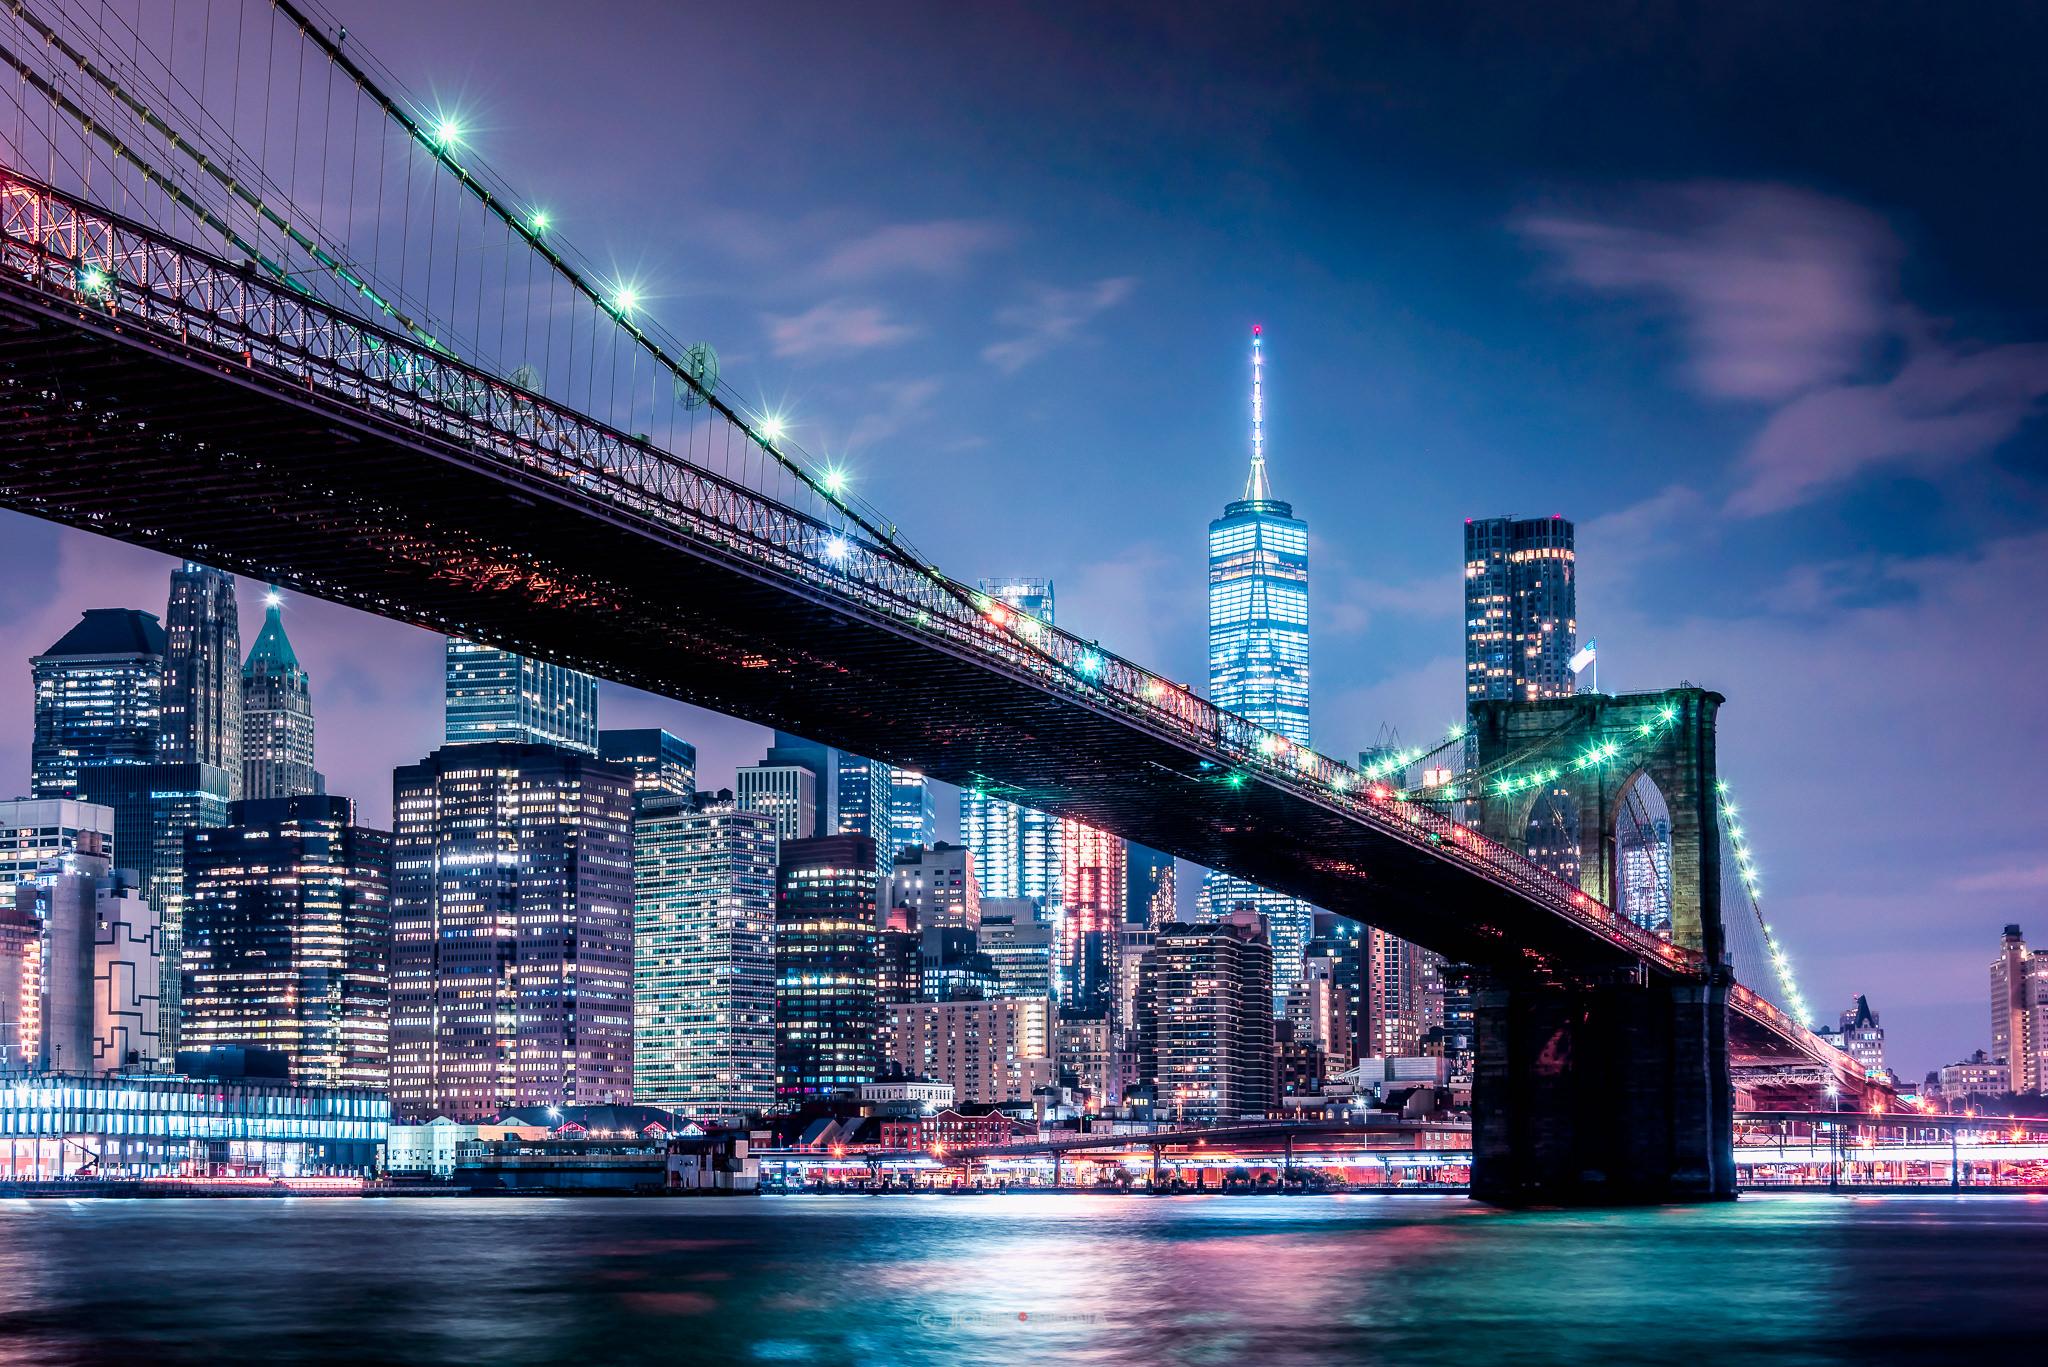 Brooklyn Bridge and the blues